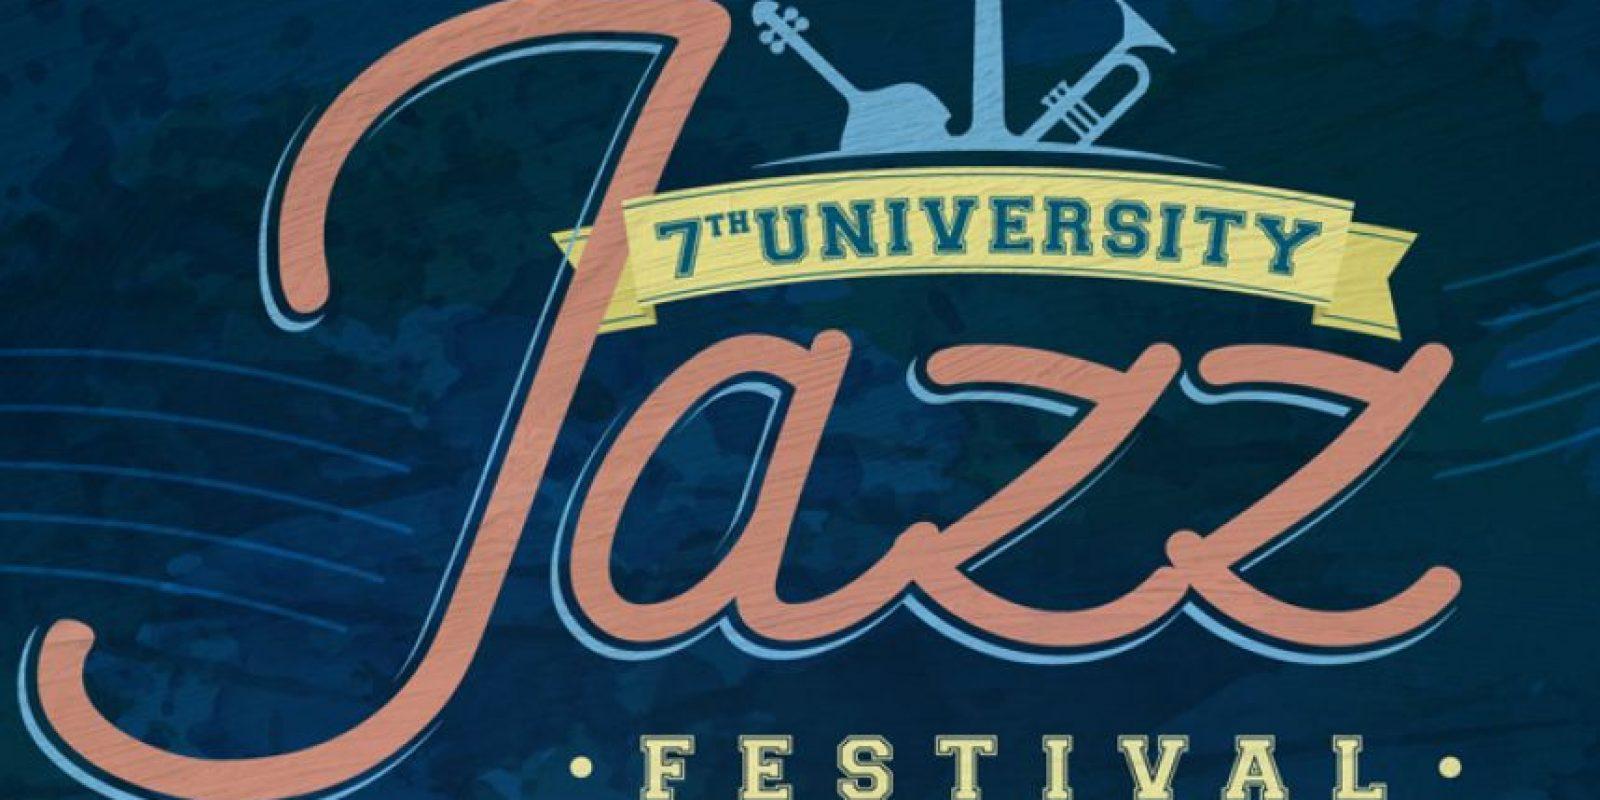 7th University Jazz Festival , trae a Medellín lo mejor del jazz universitario en el Teatro Universidad CES. Foto:Tomada de Teatrometropolitano.com